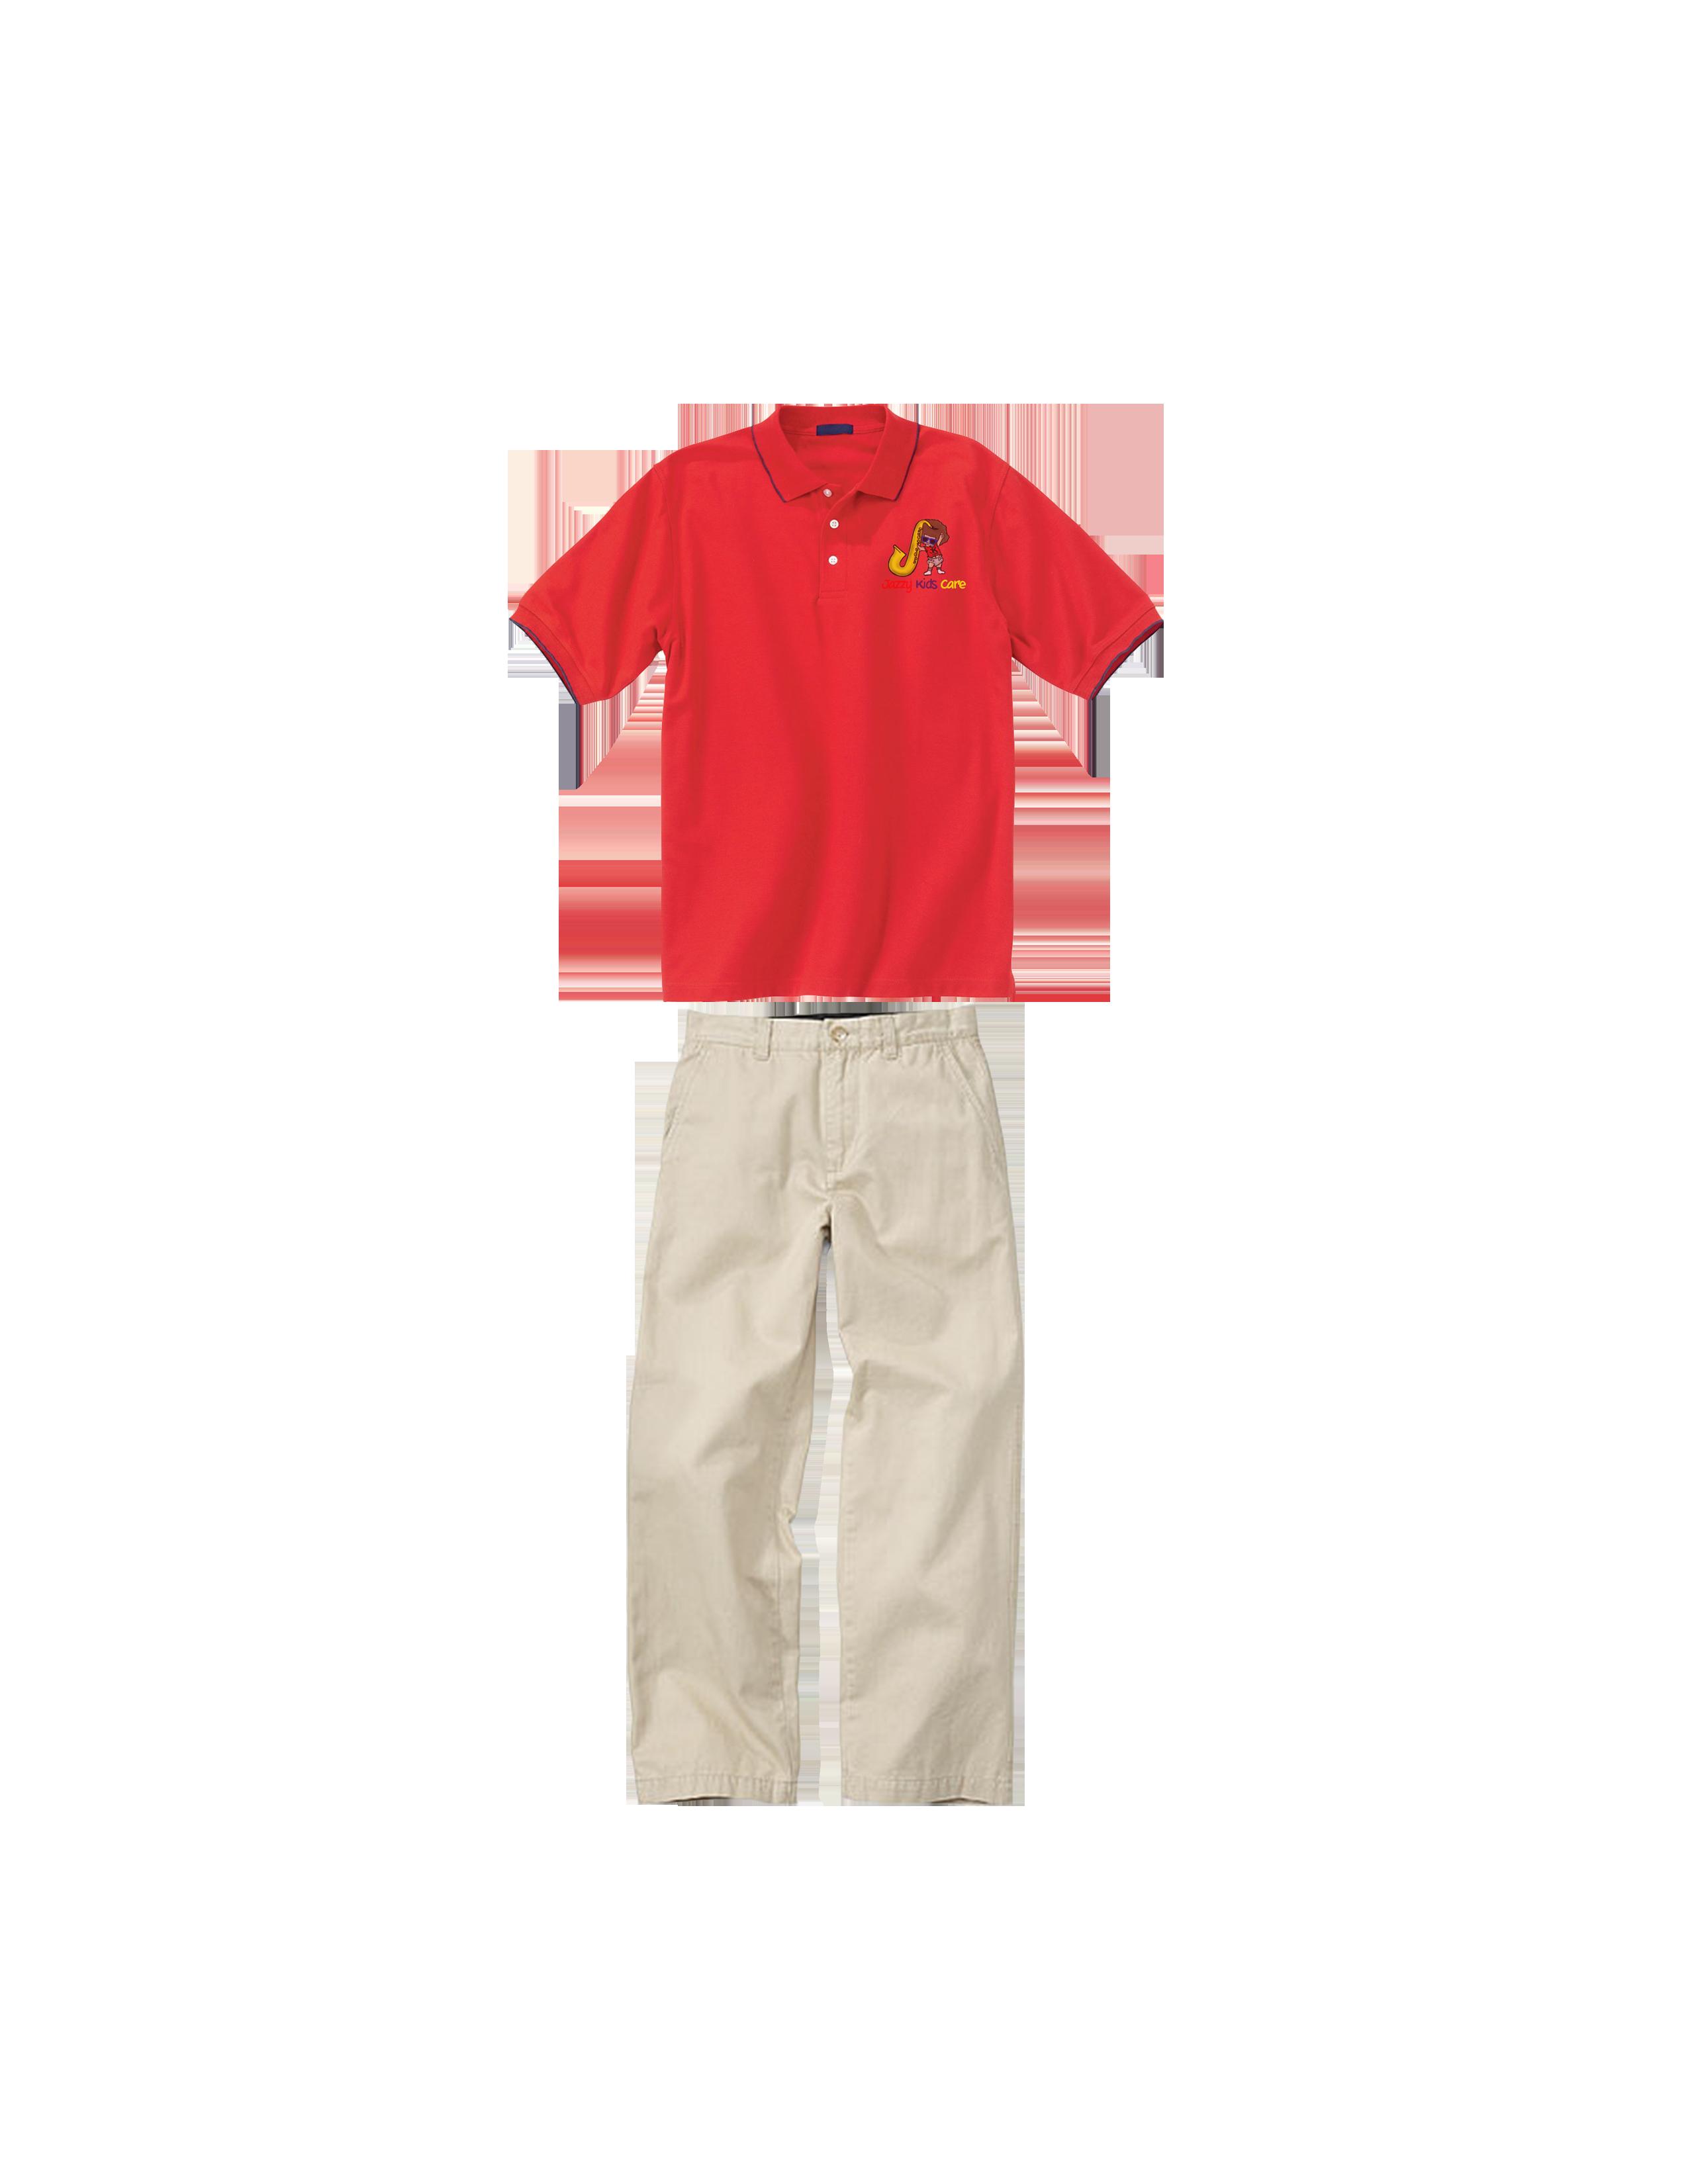 PNG Shirt And Pants - 87511